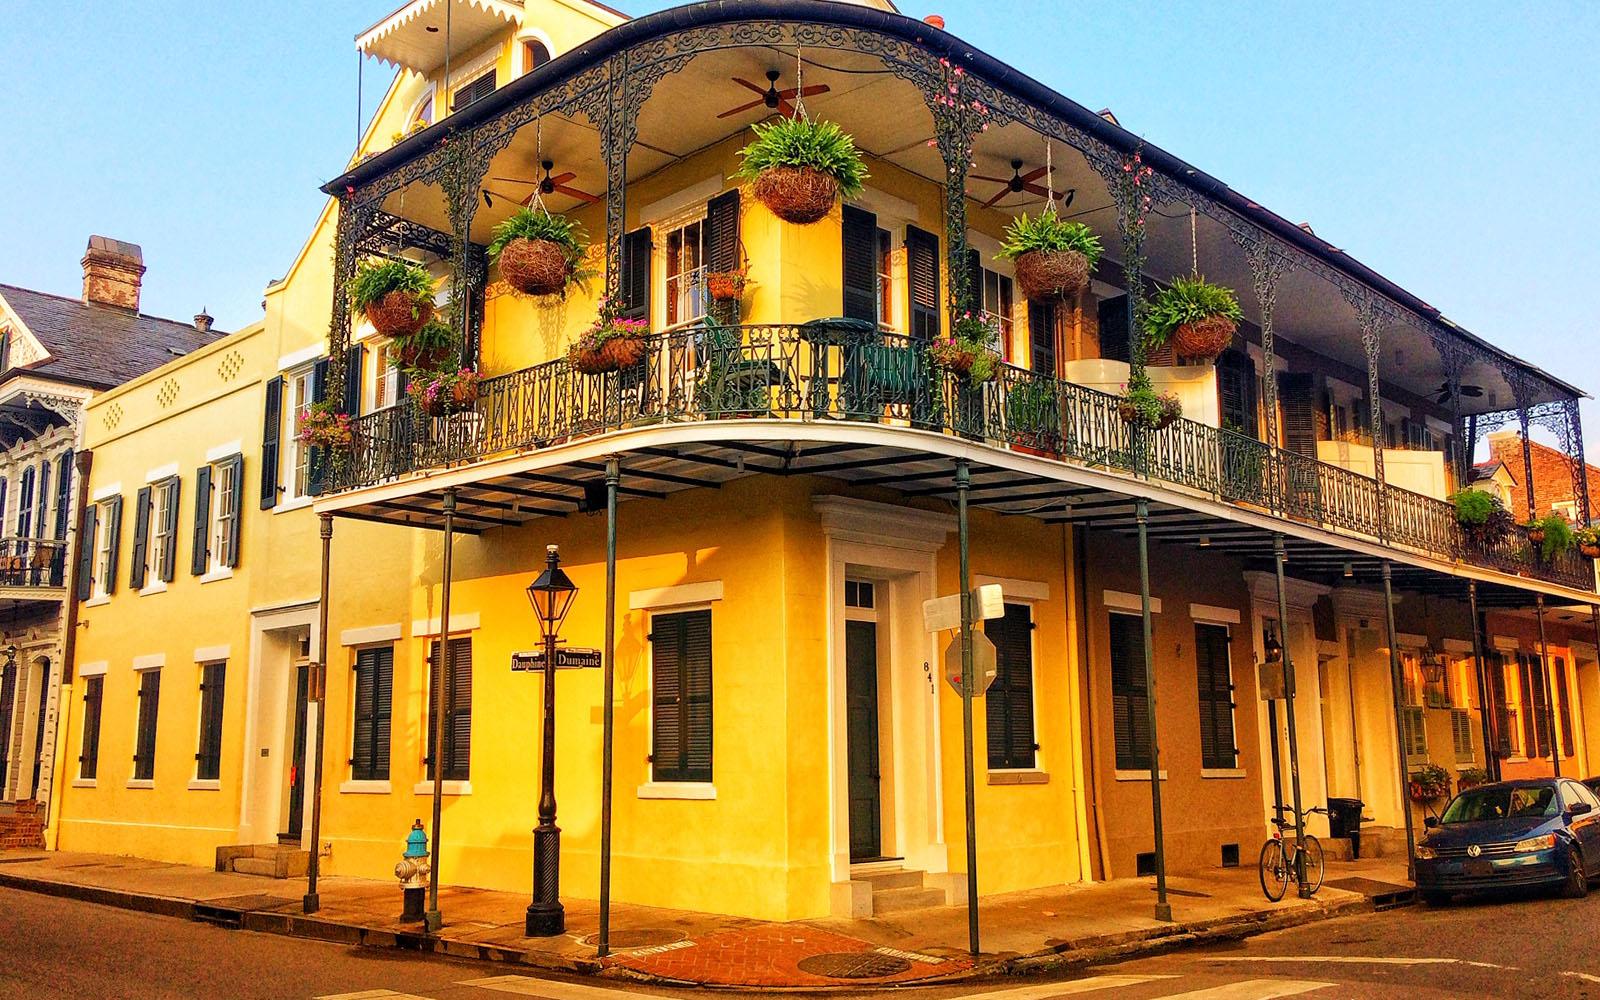 Un tipico balcone in ferro battuto con piante del quartiere francese, a New Orleans.